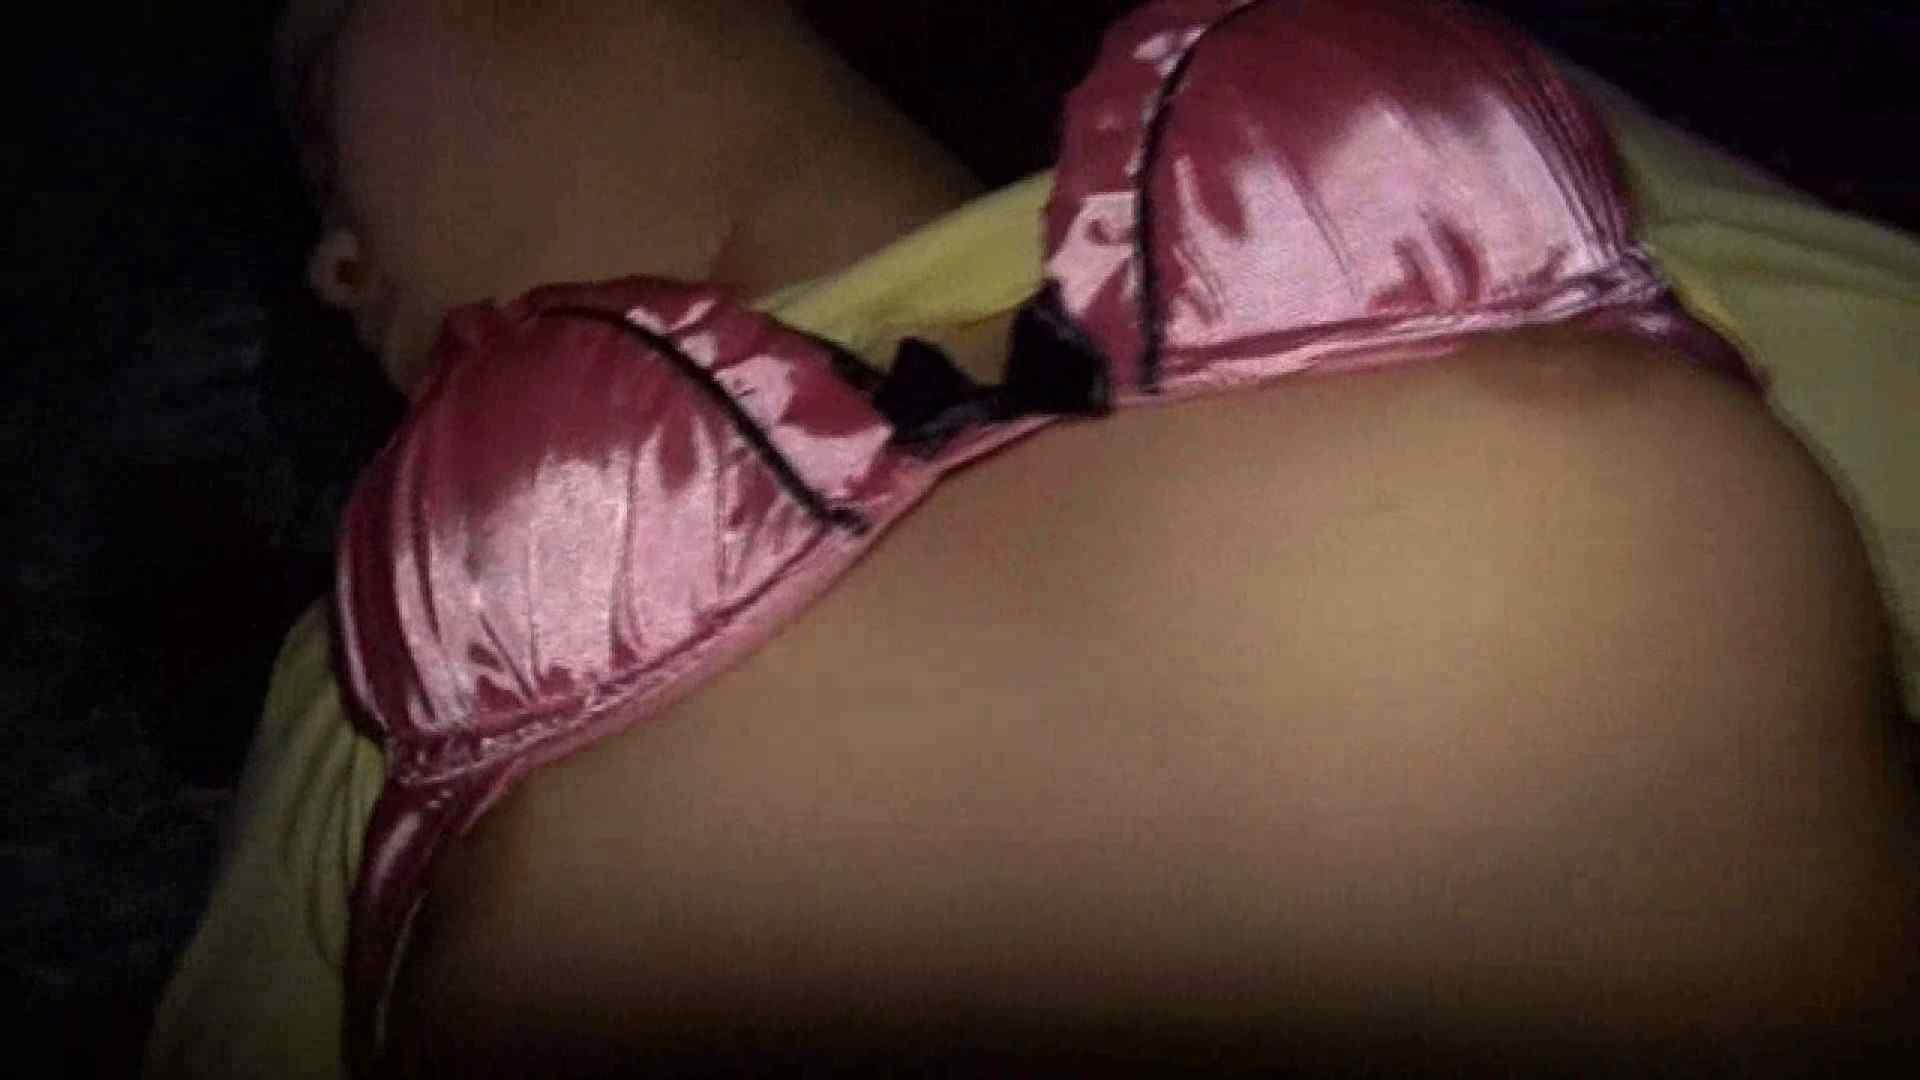 ギャルエロ娘の反乱 Vol.04 美少女 AV動画キャプチャ 94画像 83